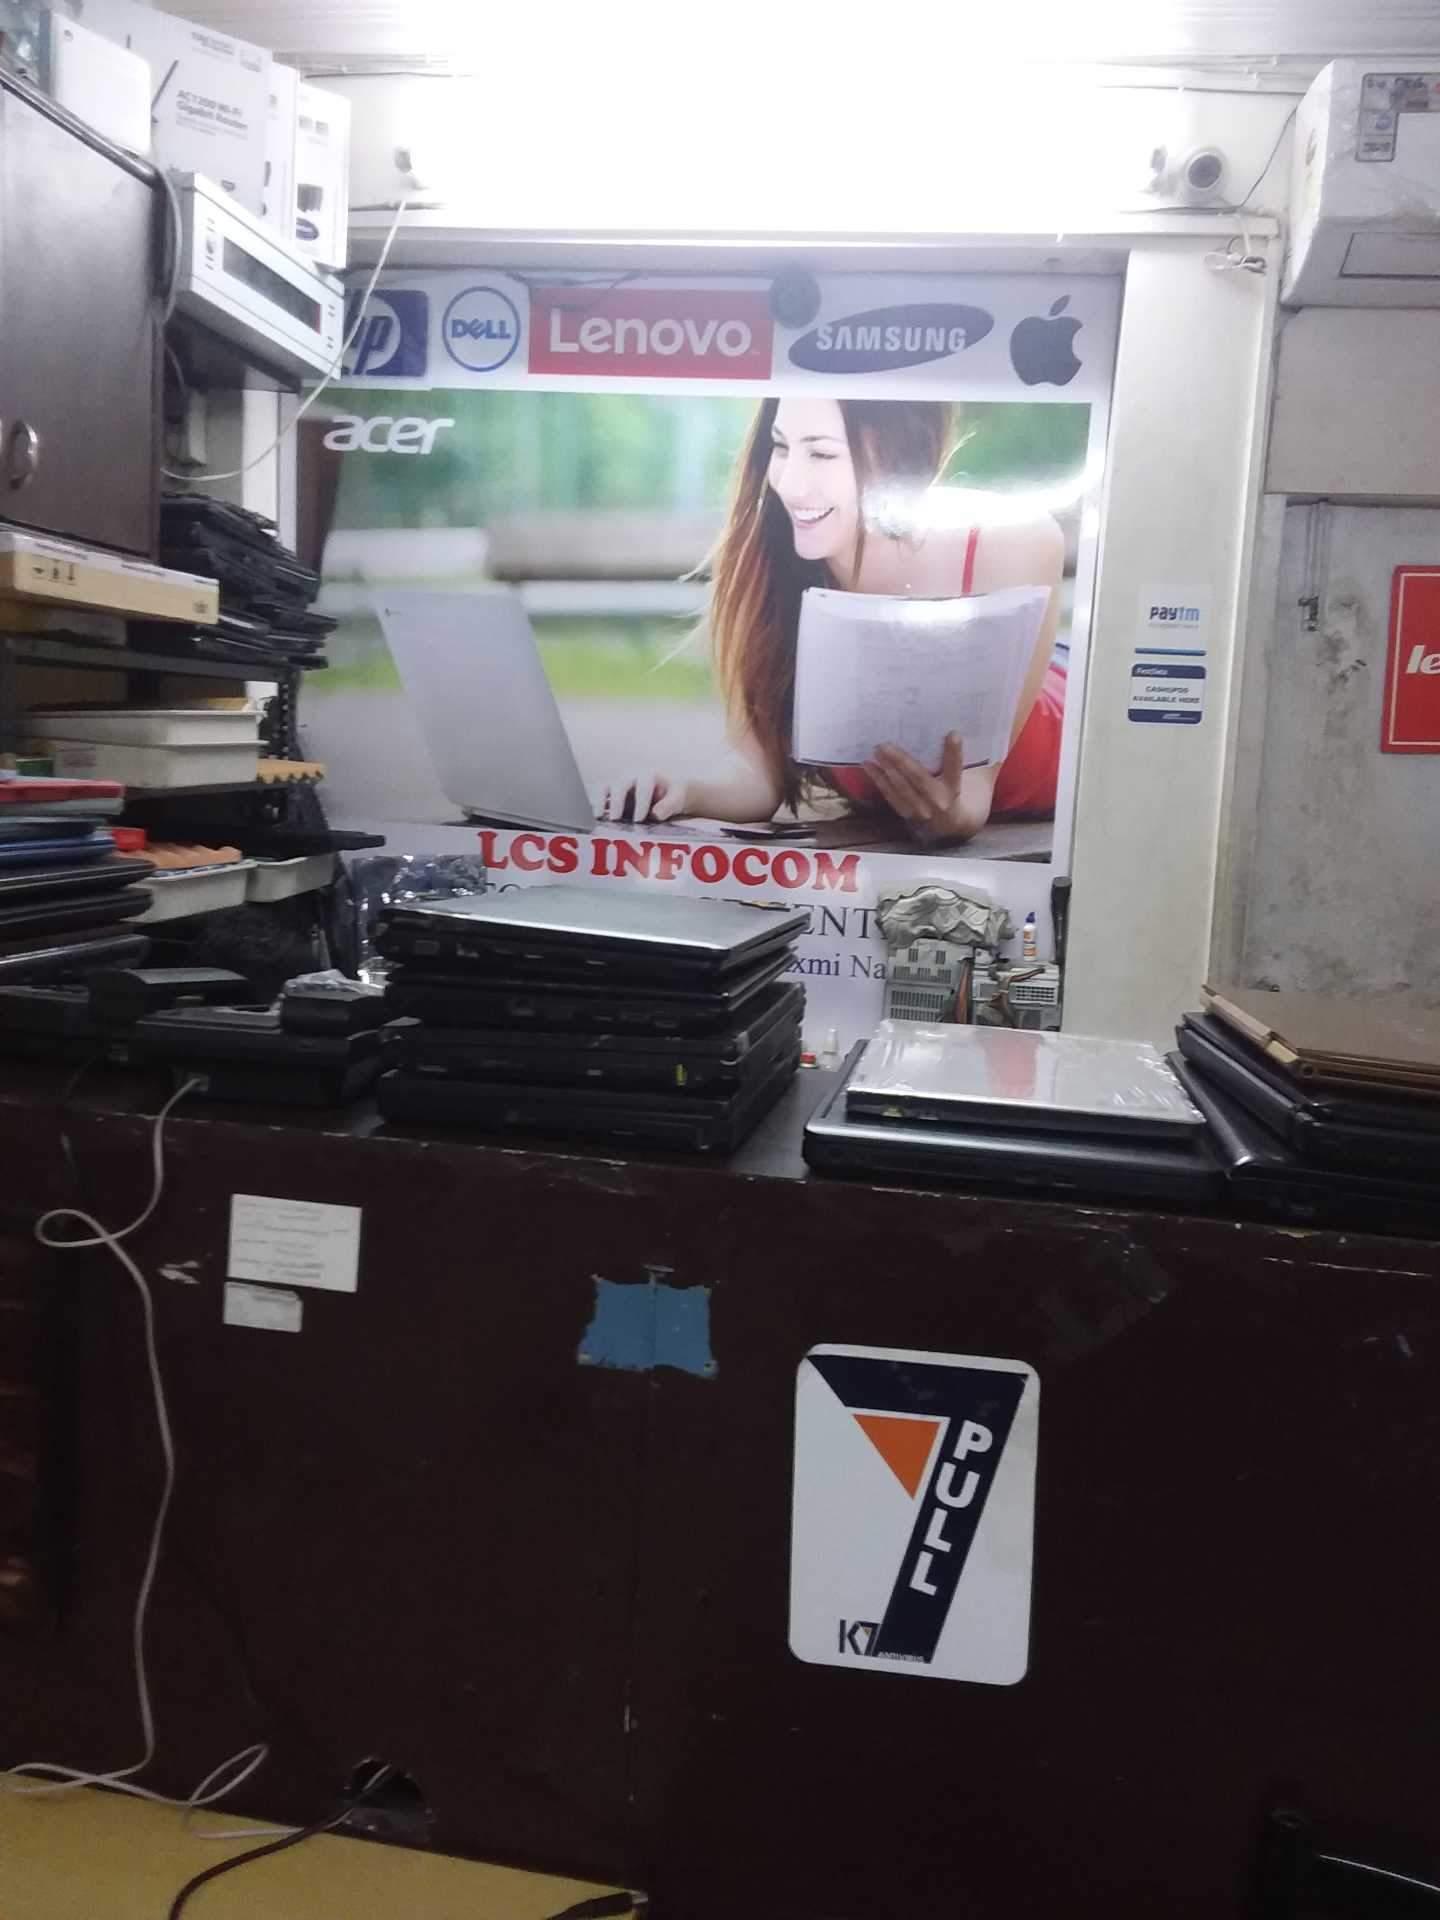 Lcs Infocom Laptop Repair Center - Delhi Image